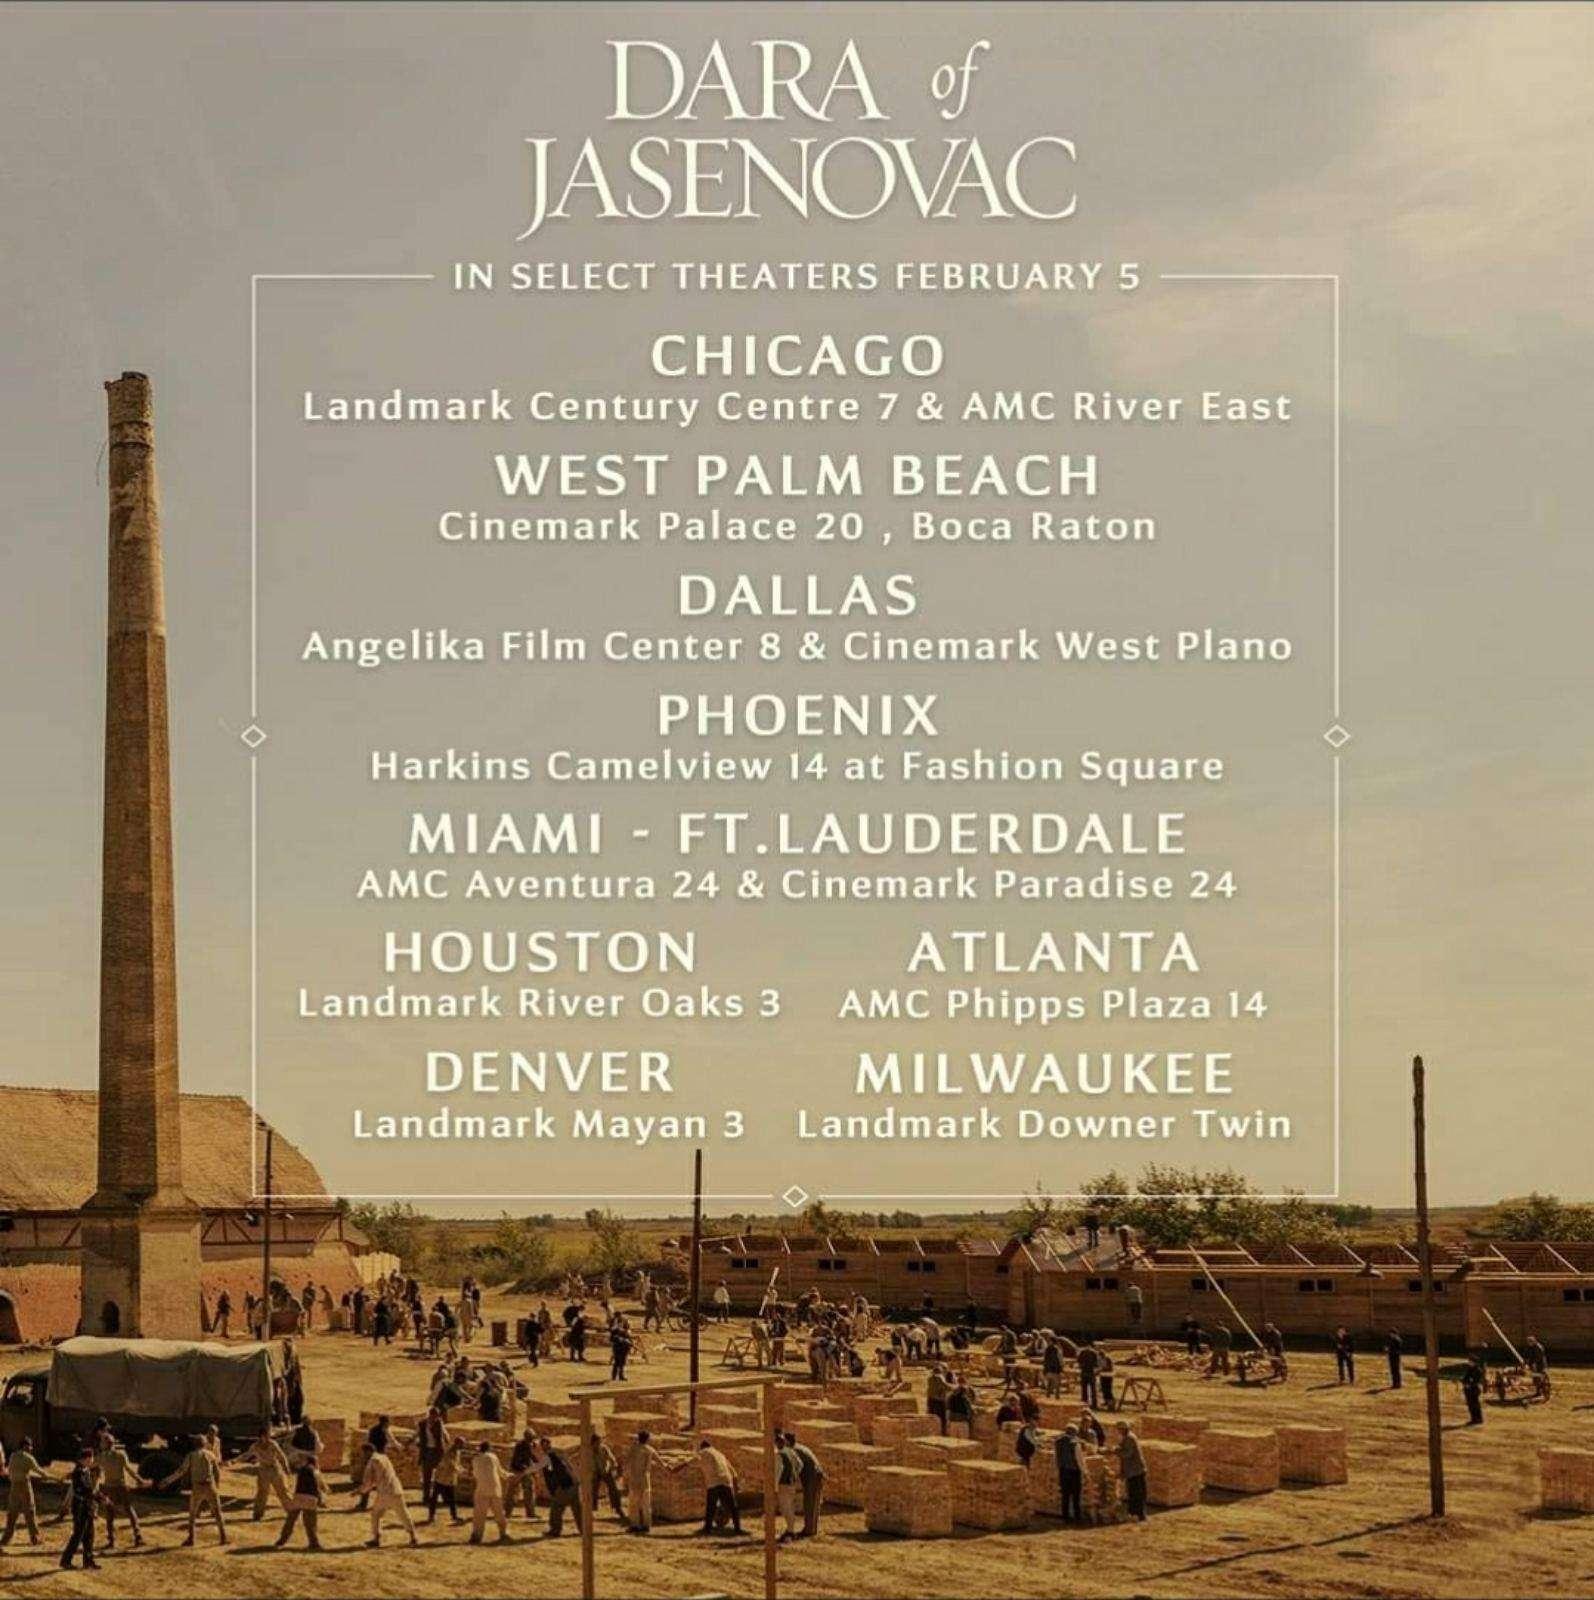 """Premijera filma """"Dara iz Jasenovca"""" u Majamiju 5. februara! (Link za kupovinu karata)"""